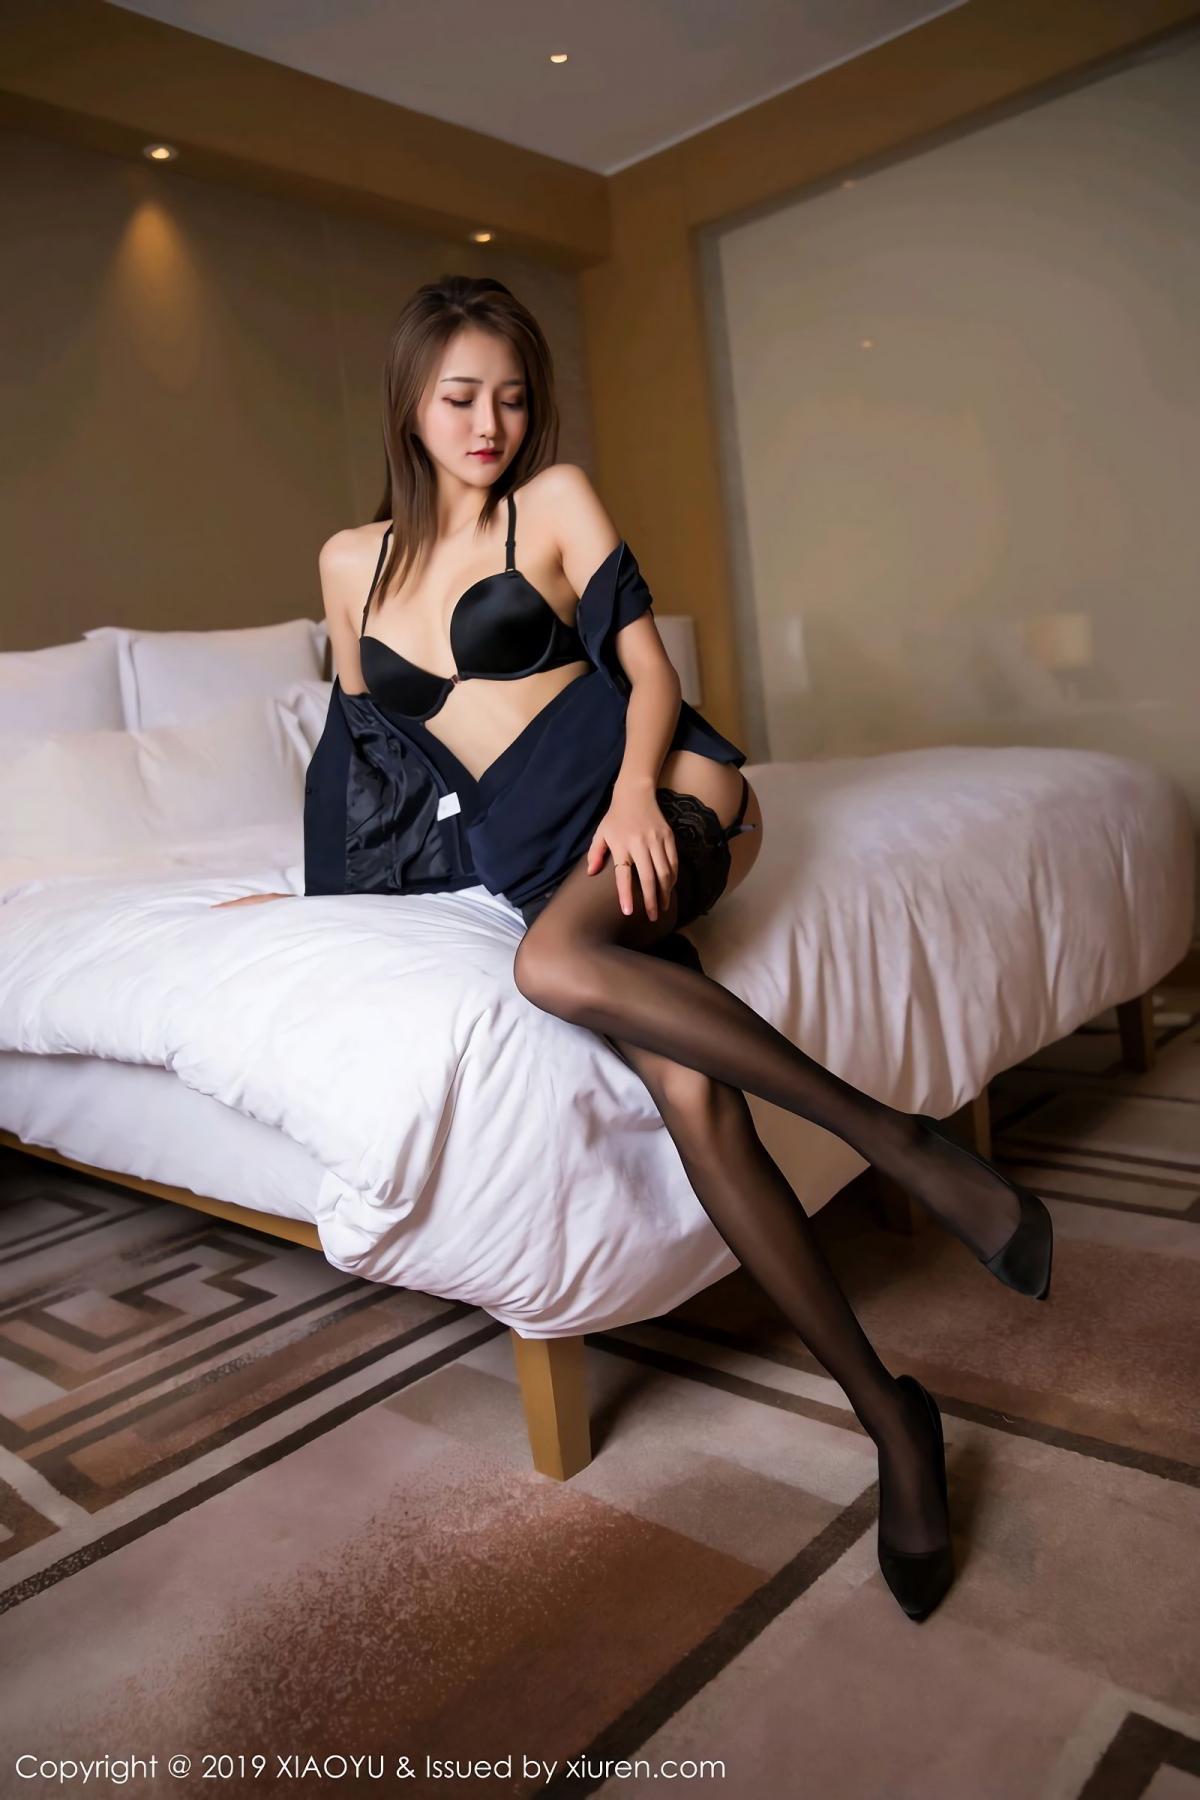 [XiaoYu] Vol.037 Miko Jiang 23P, Miko Jiang, Slim, Tall, Underwear, XiaoYu